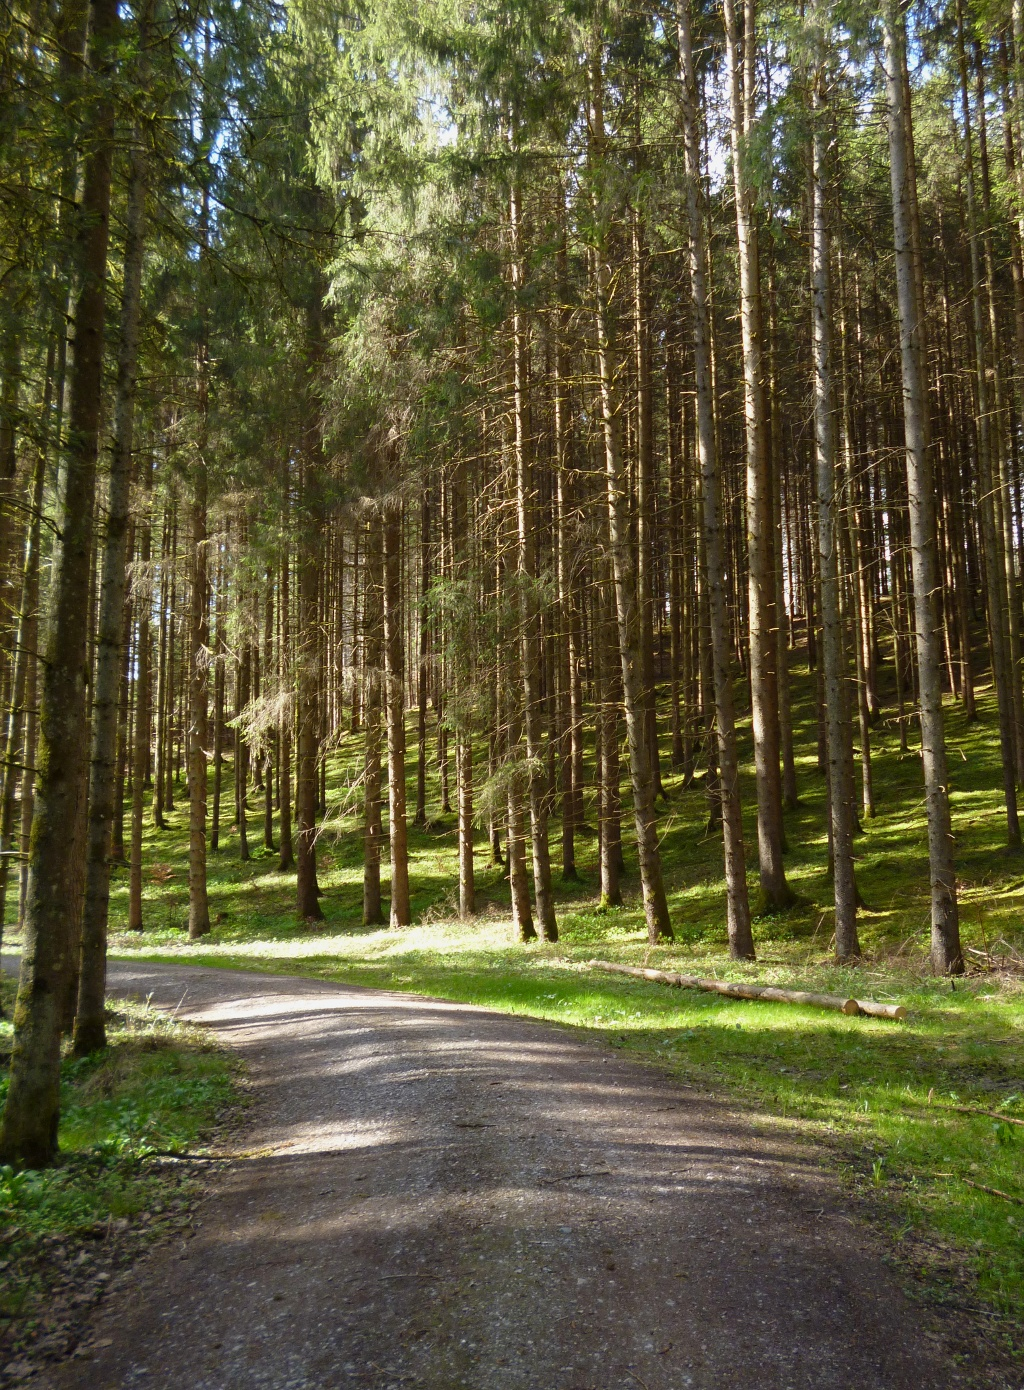 Auf ruhigen Forstwegen geht es vom Pollinger Weiher durch den Wald in Richtung Nordosten. (Monika Heindl)